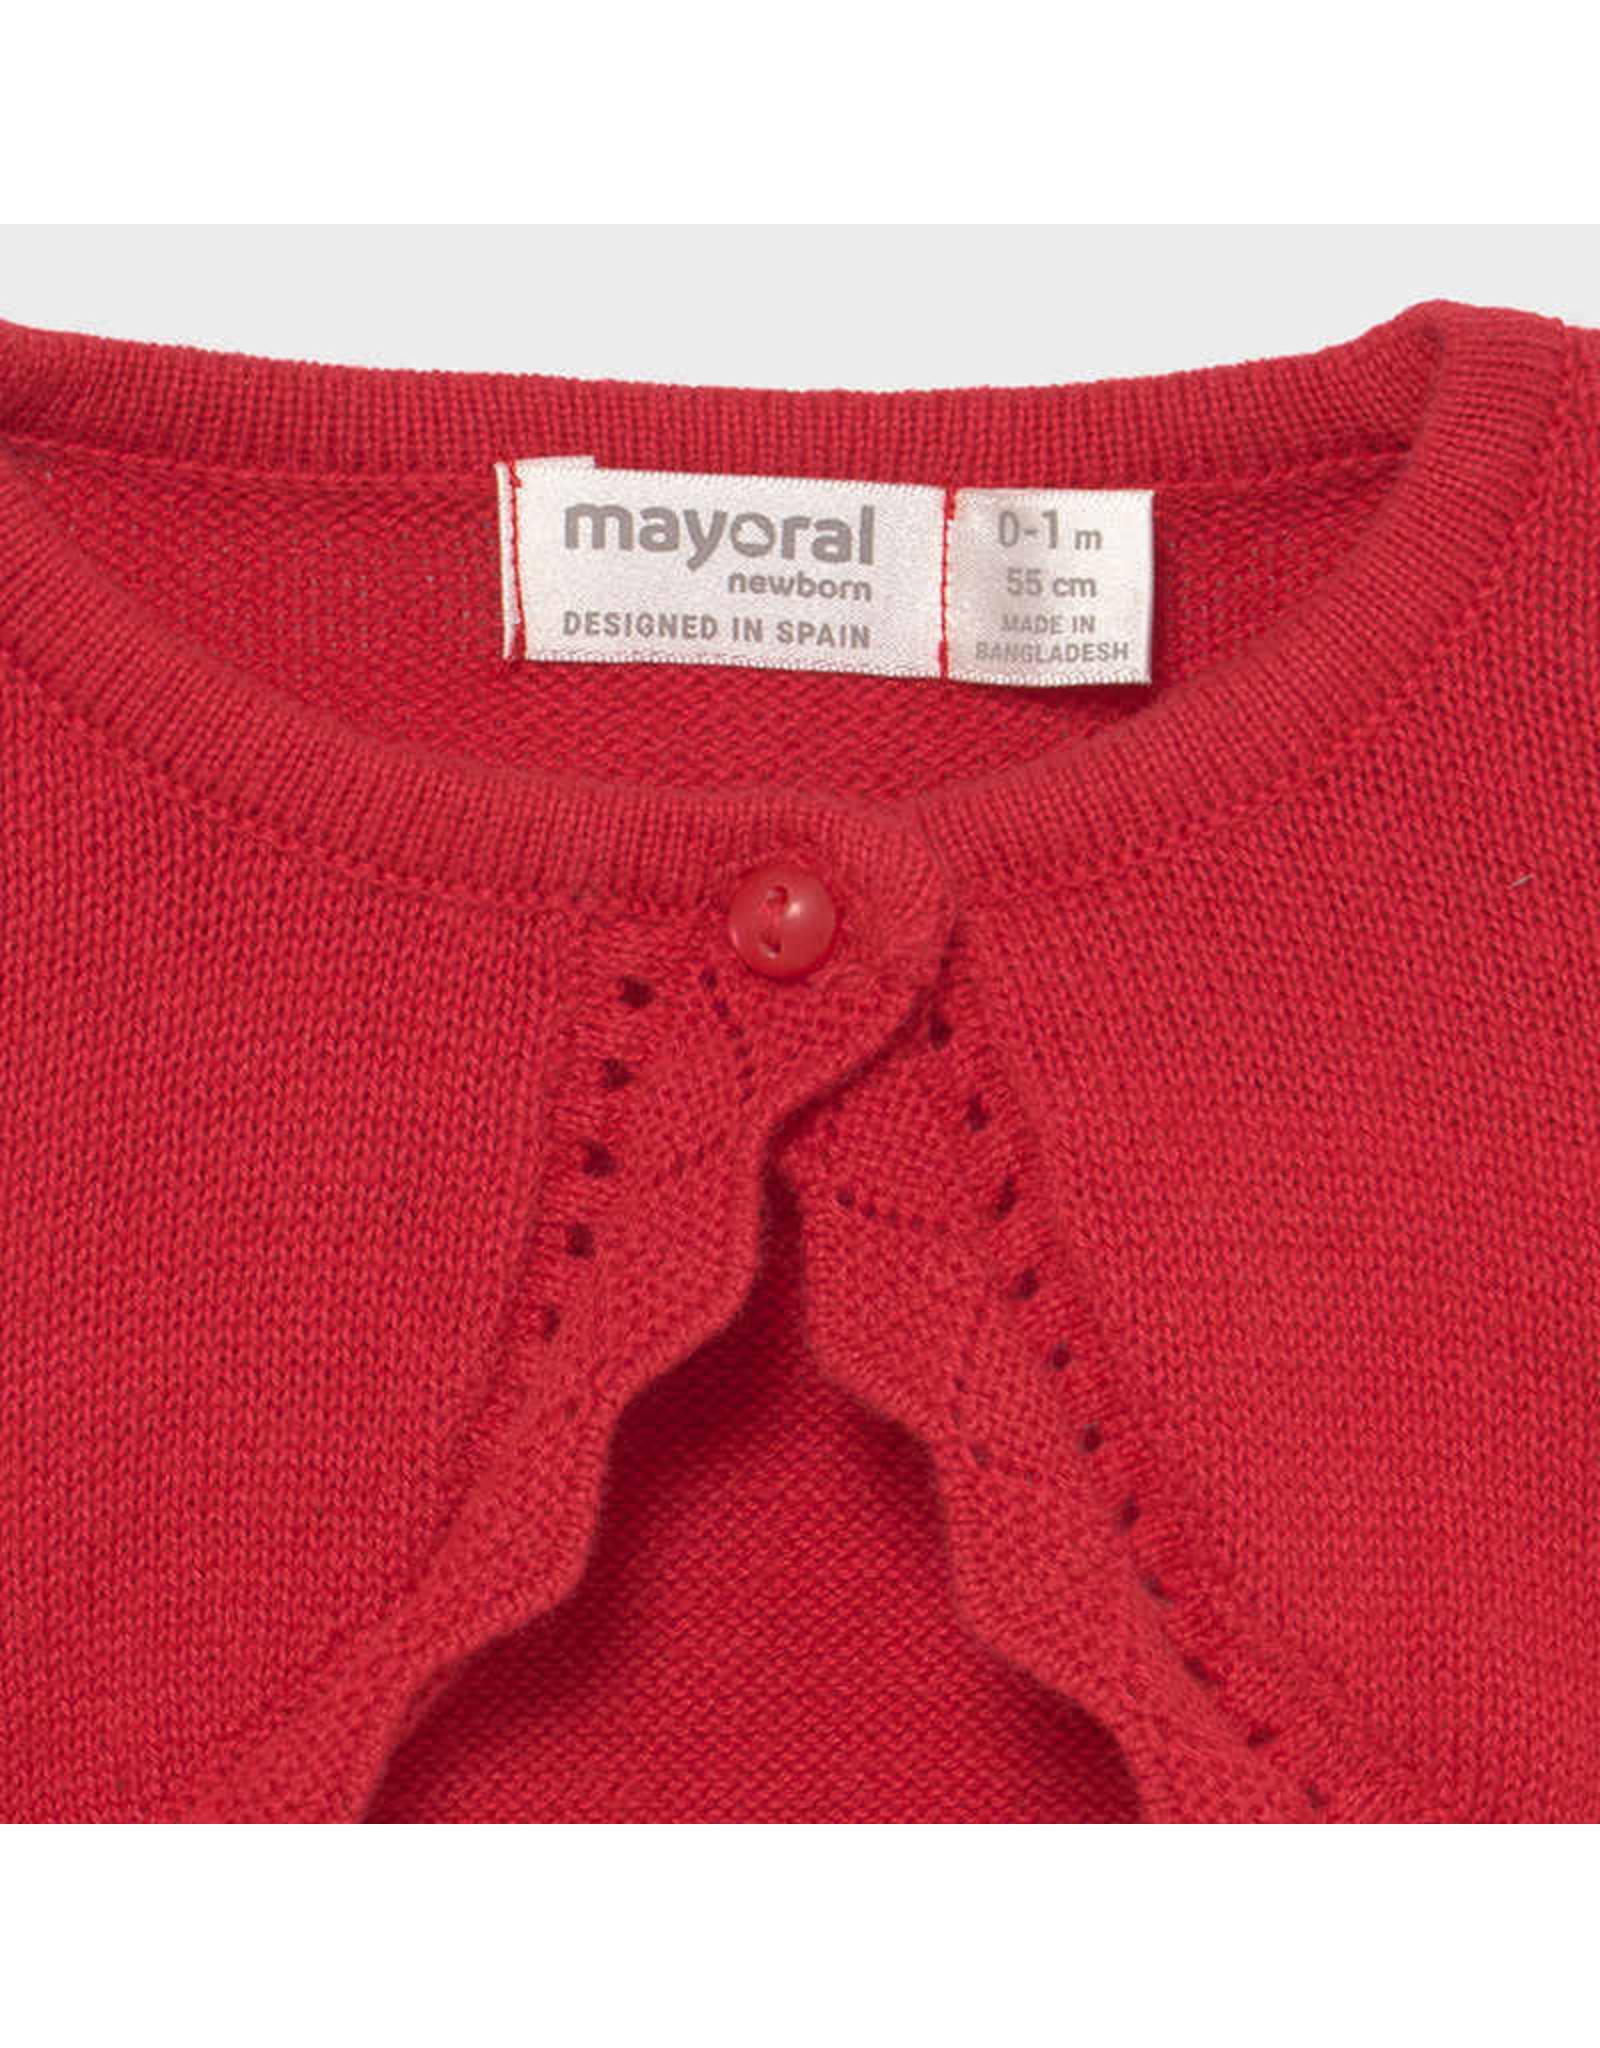 Mayoral Basic knit cardigan